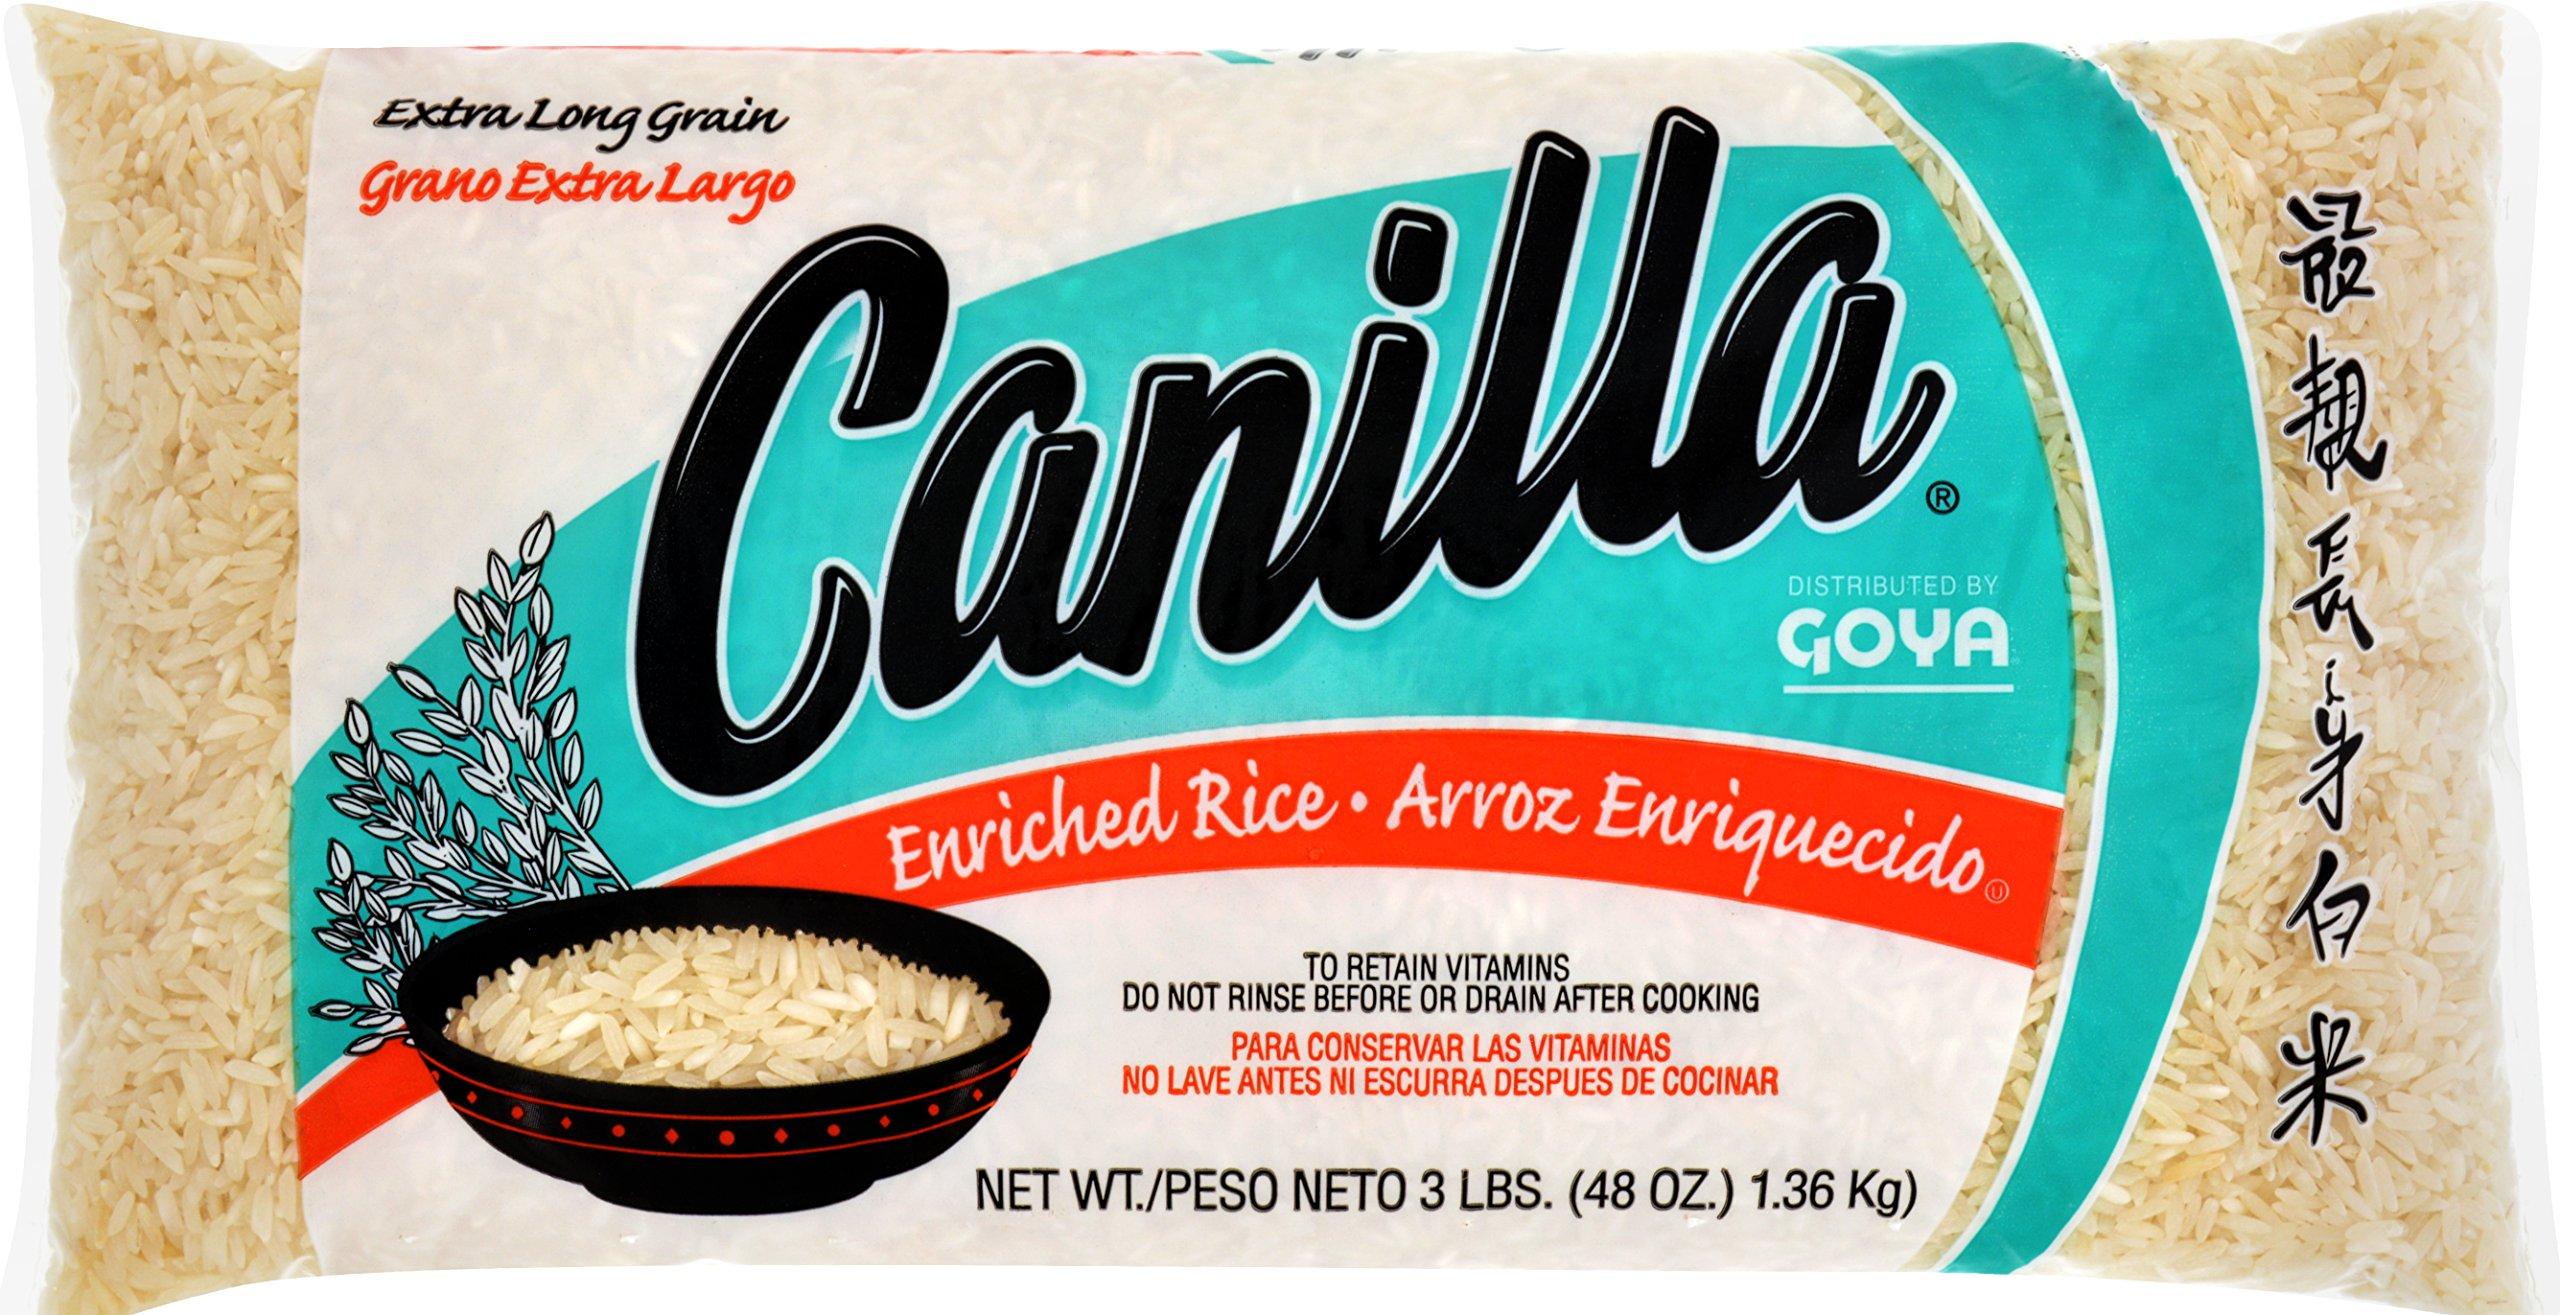 Goya Canilla Long Grain Rice, 3 pounds